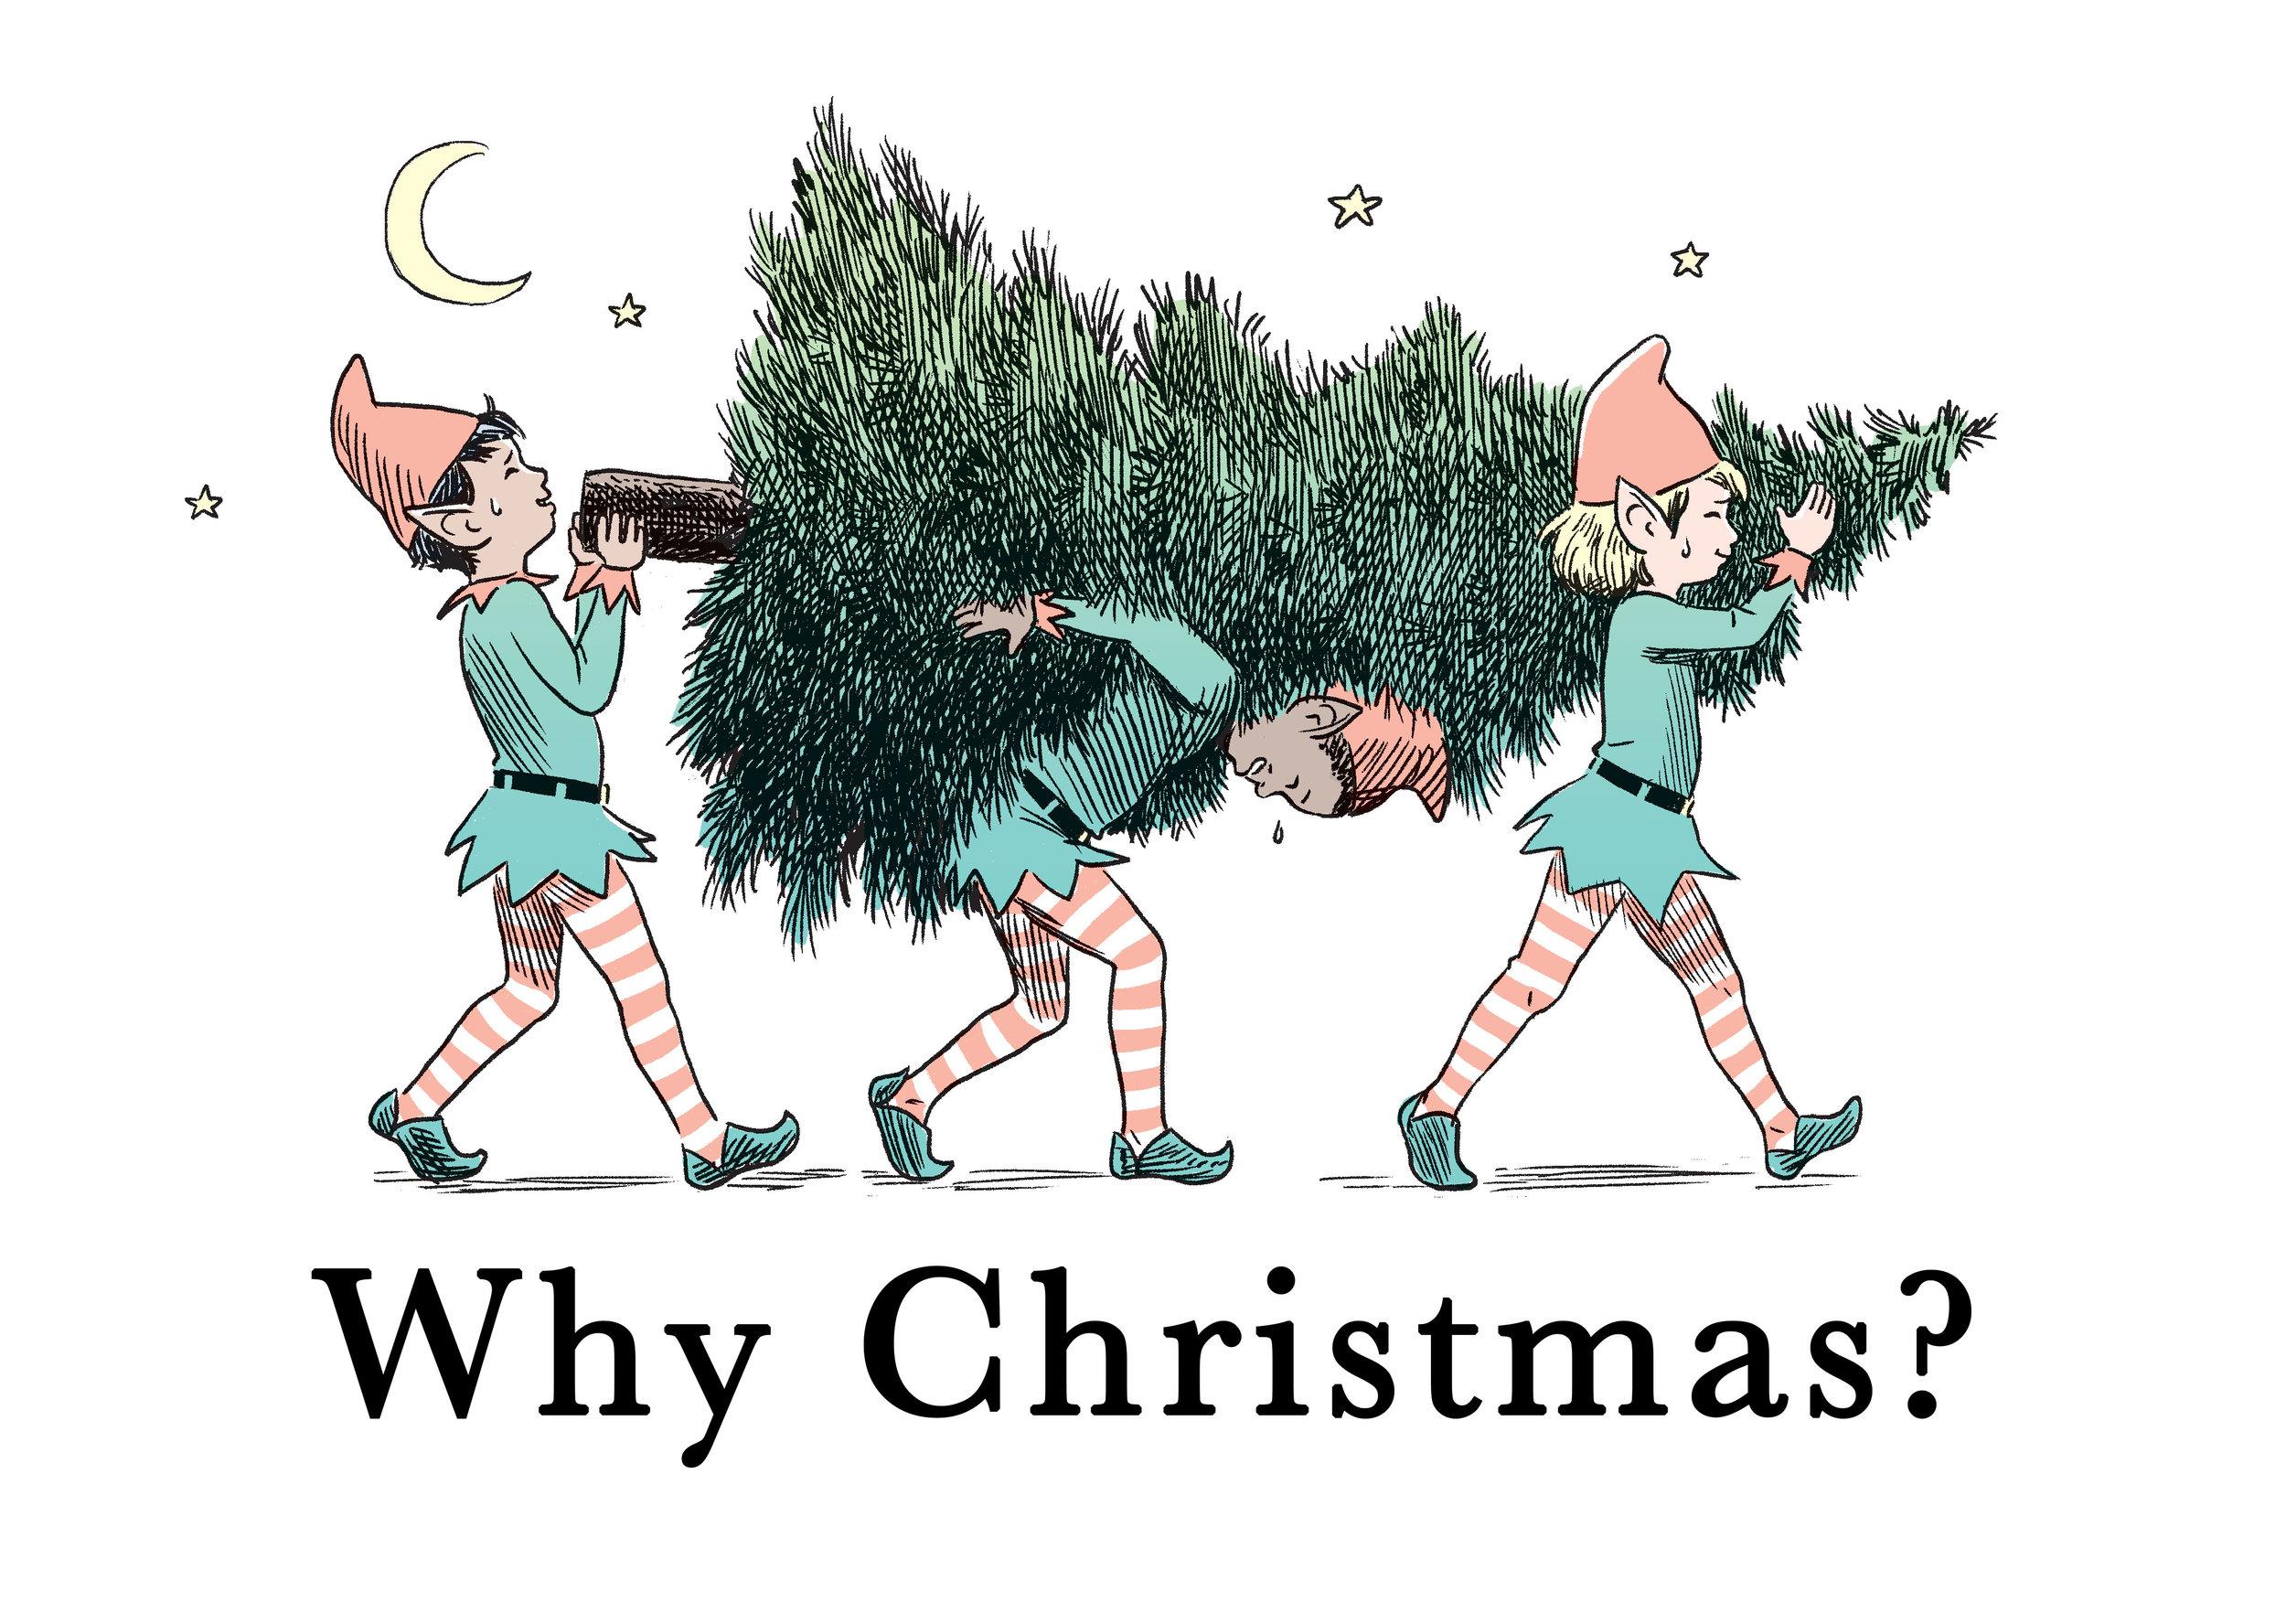 ChristmasCover01.jpg